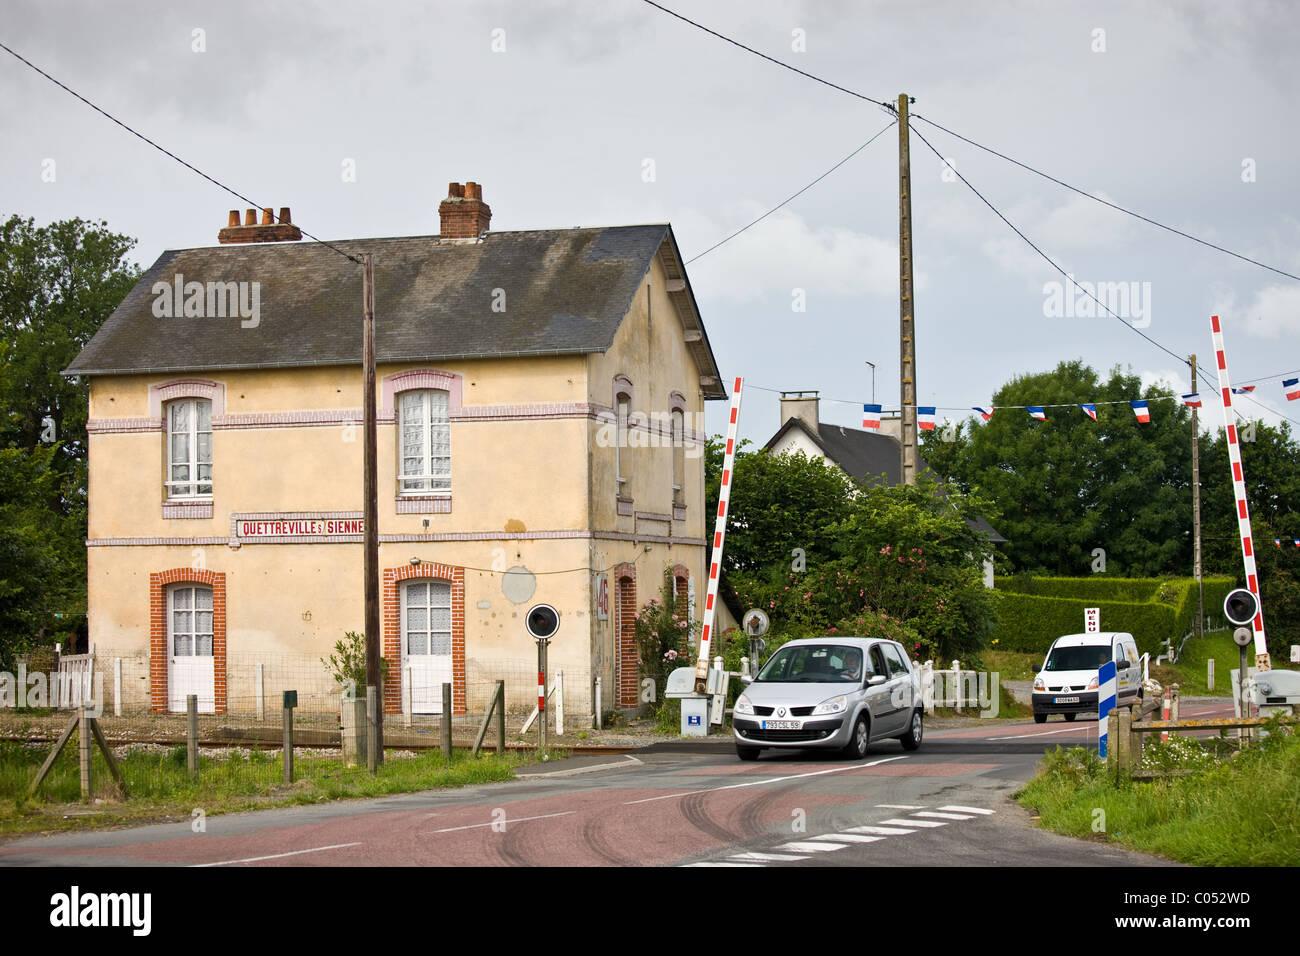 Bahnübergang in Quettreville-Sur-Seine in der Normandie, Frankreich Stockbild